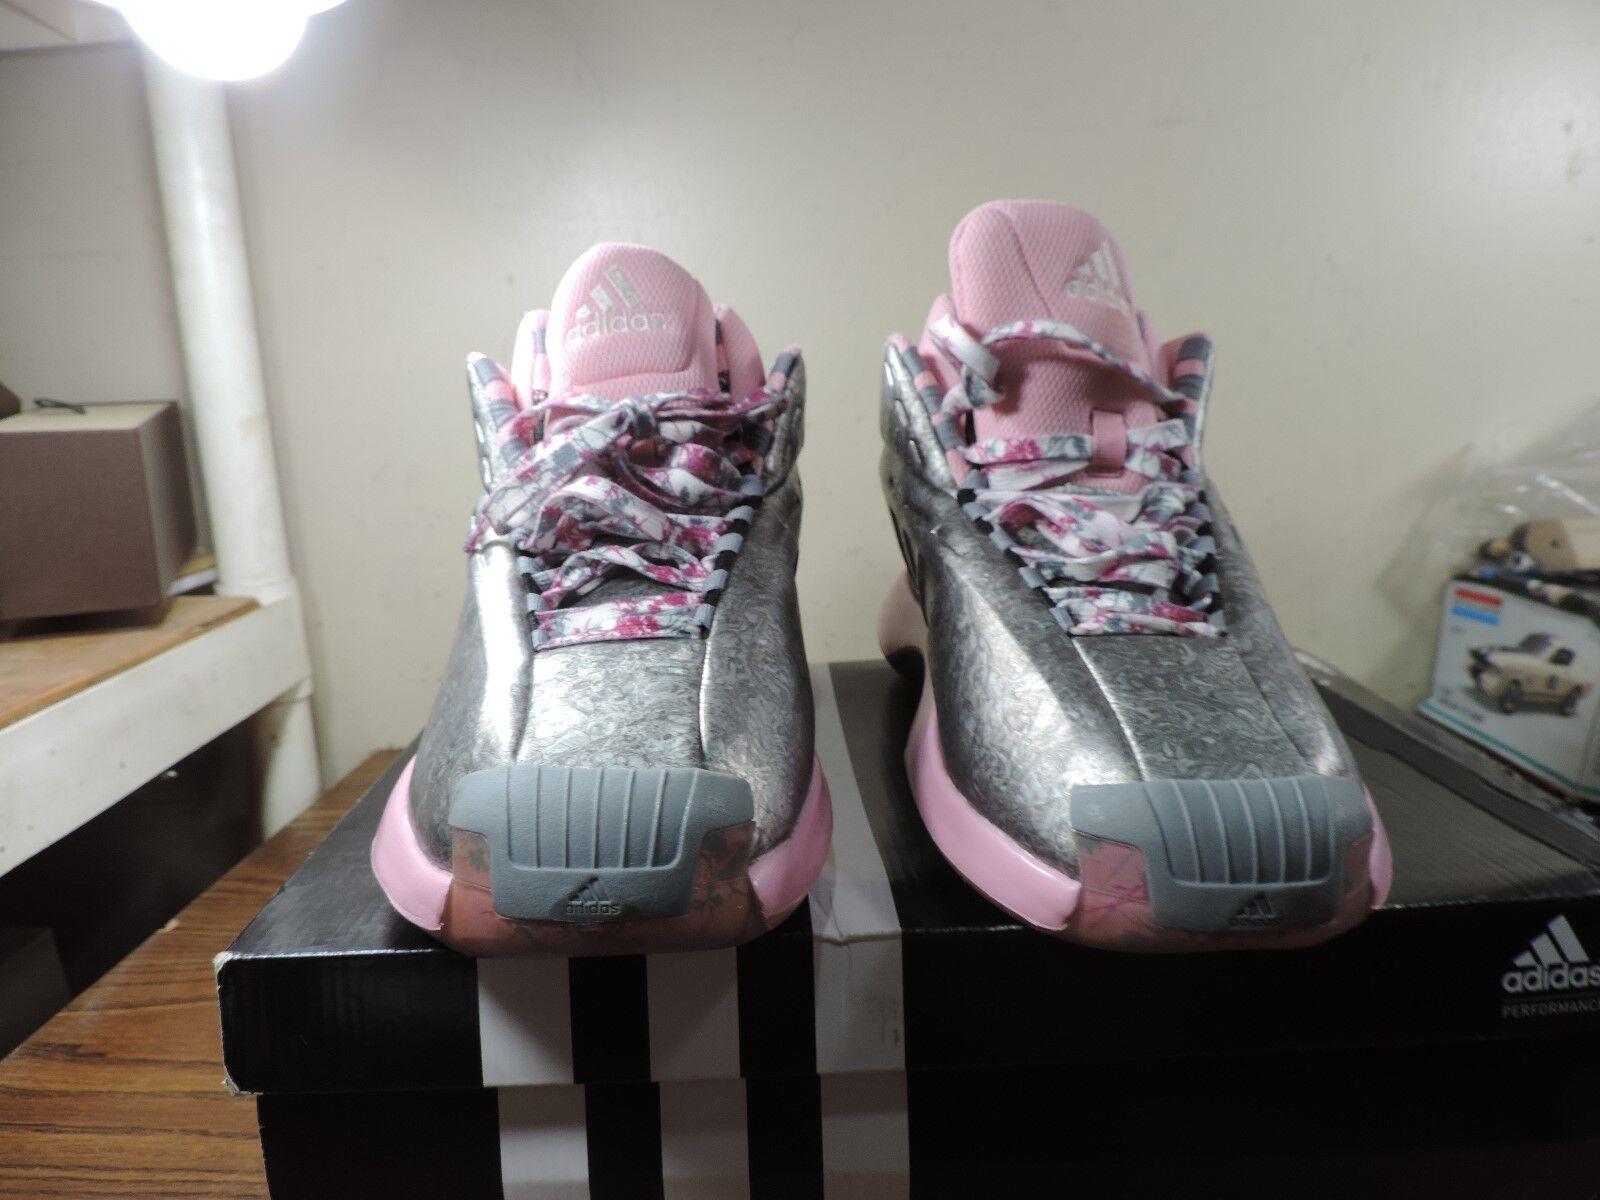 Adidas Crazy 1 1 Crazy Size 10.5 shoes a7f76f